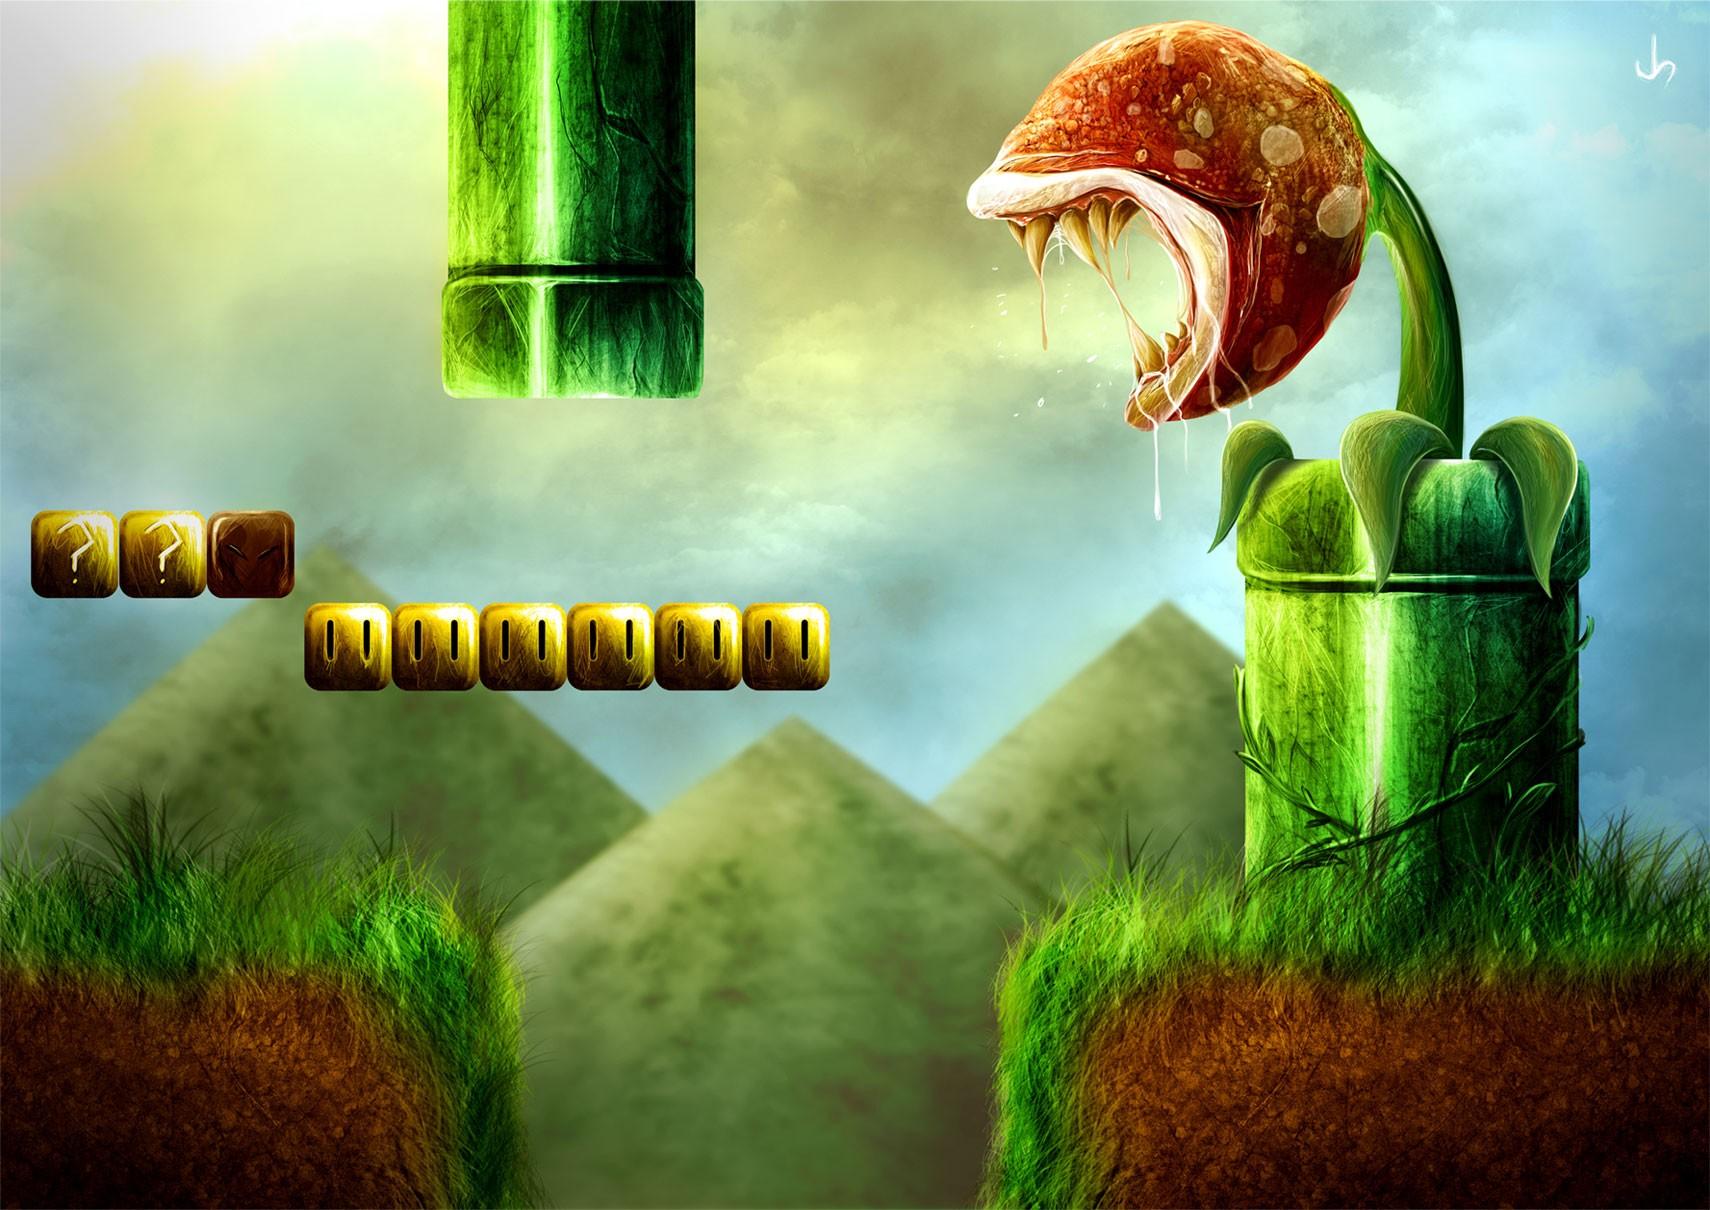 Hintergrundbilder : Gras, Grün, Super Mario, Dschungel ...